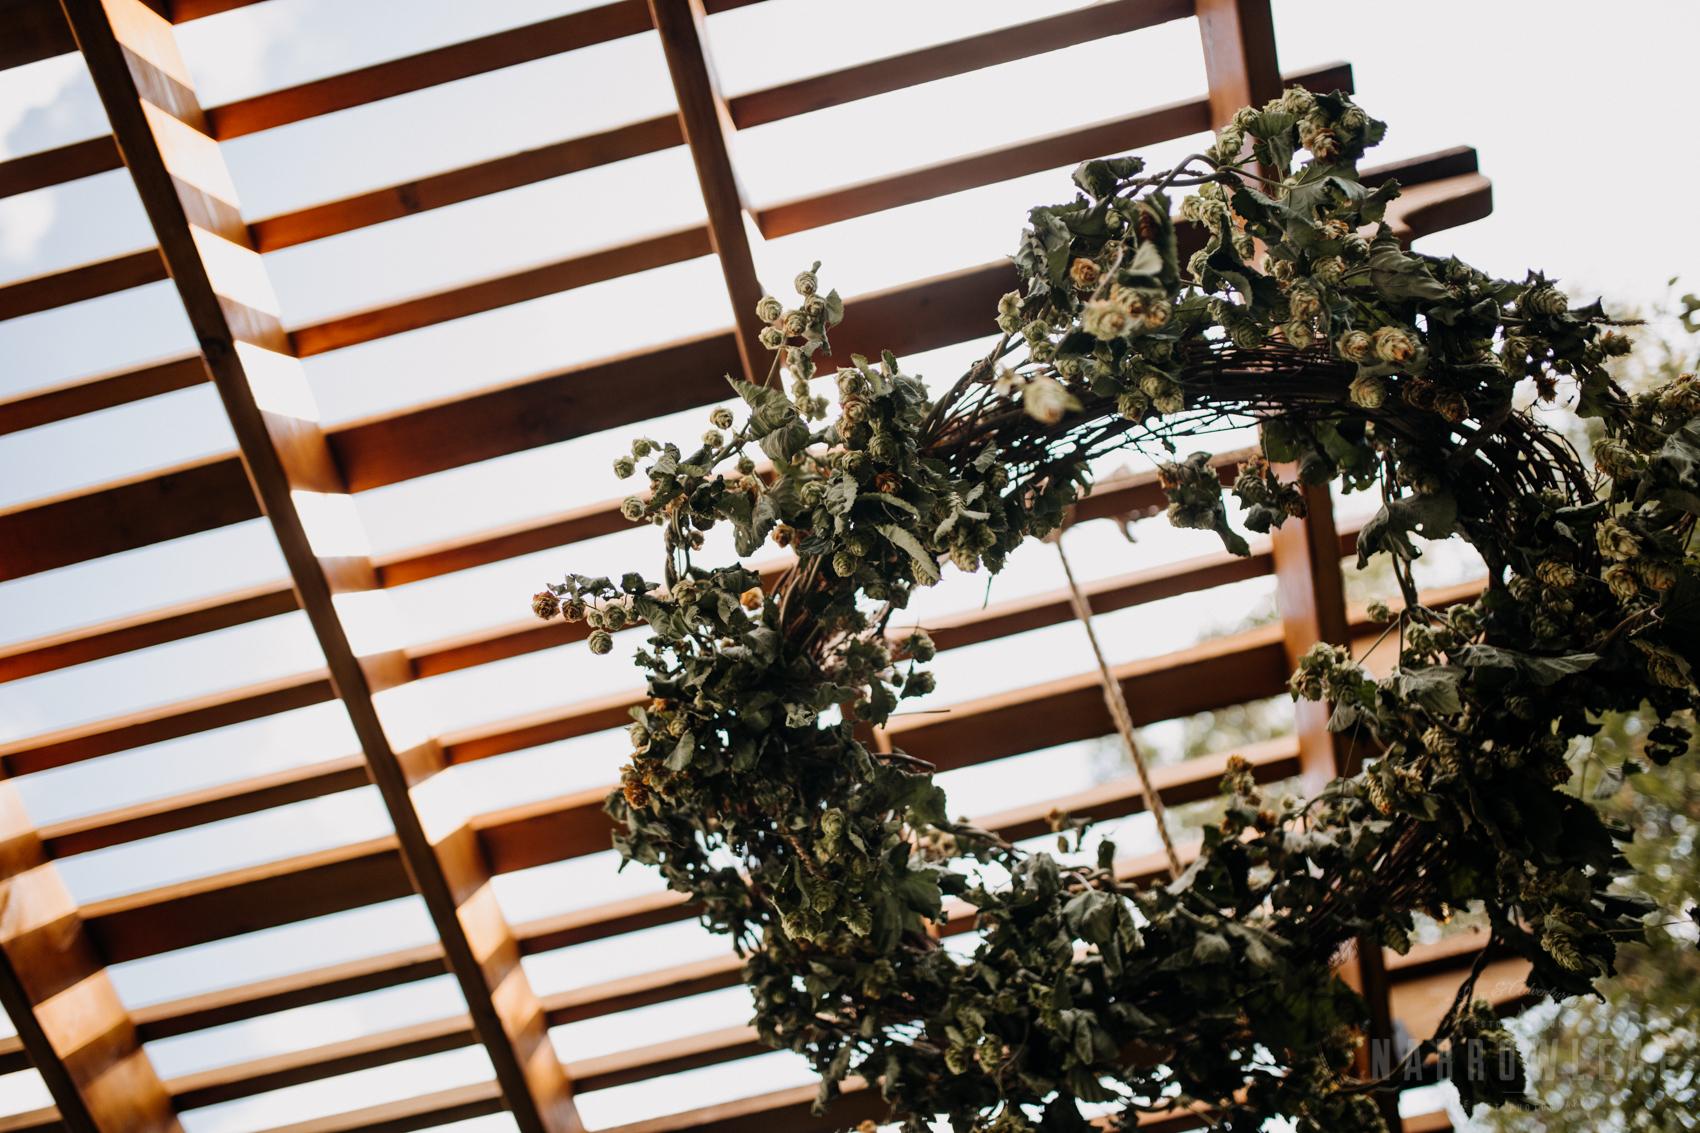 backyard-summer-farm-wedding-greenery-arch-large-lanterns-33.jpg